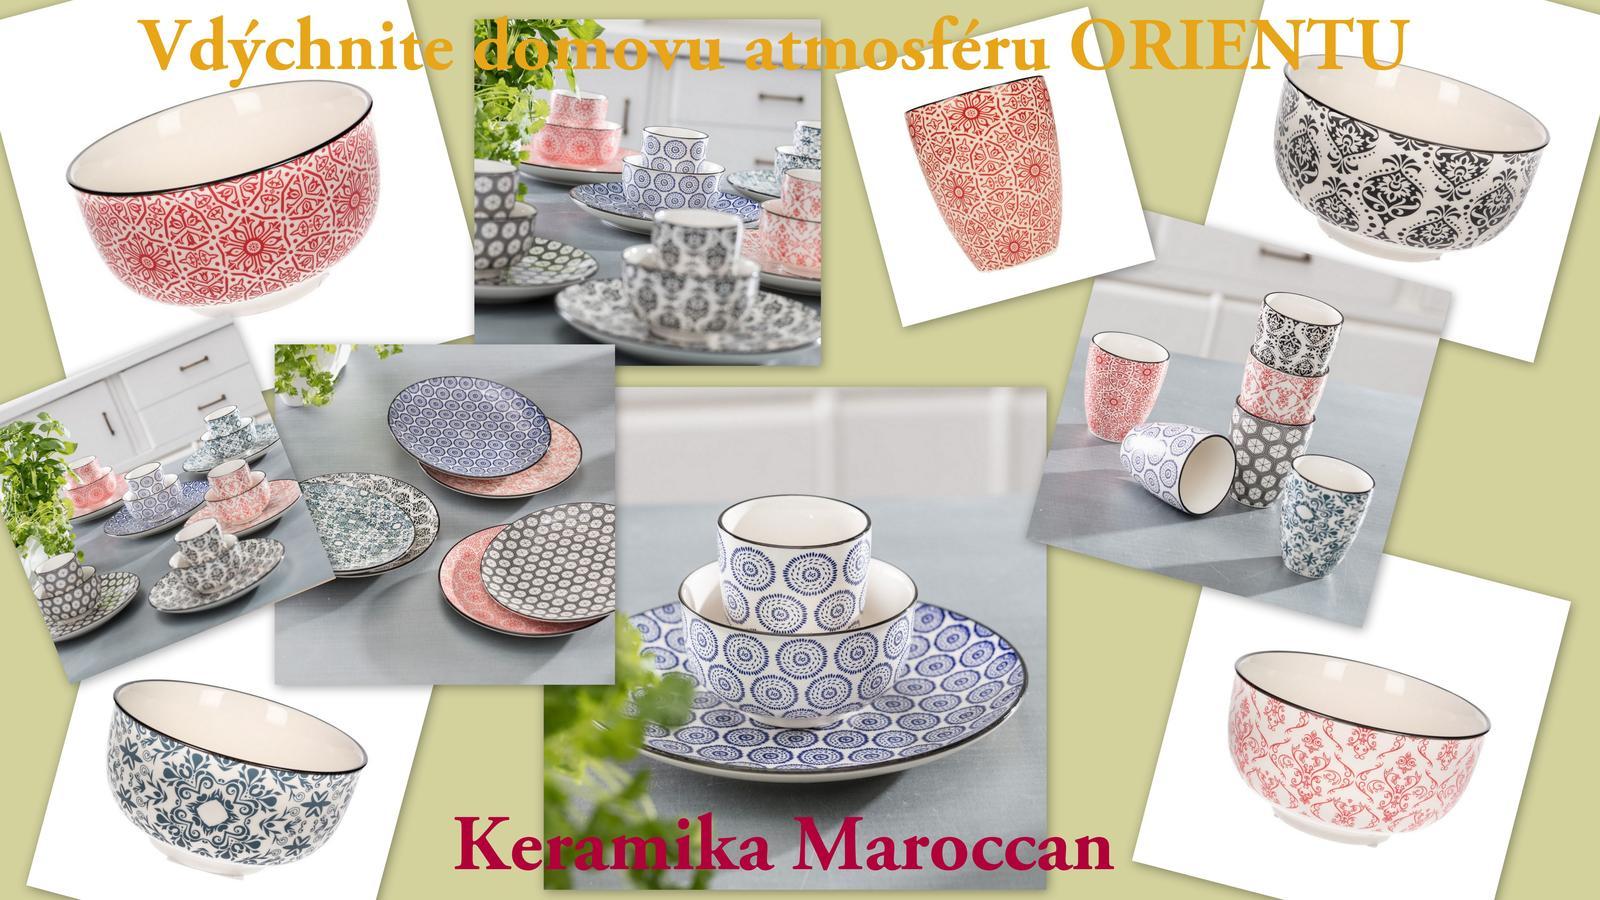 dekoria - https://www.dekoria.sk/offer/group/334